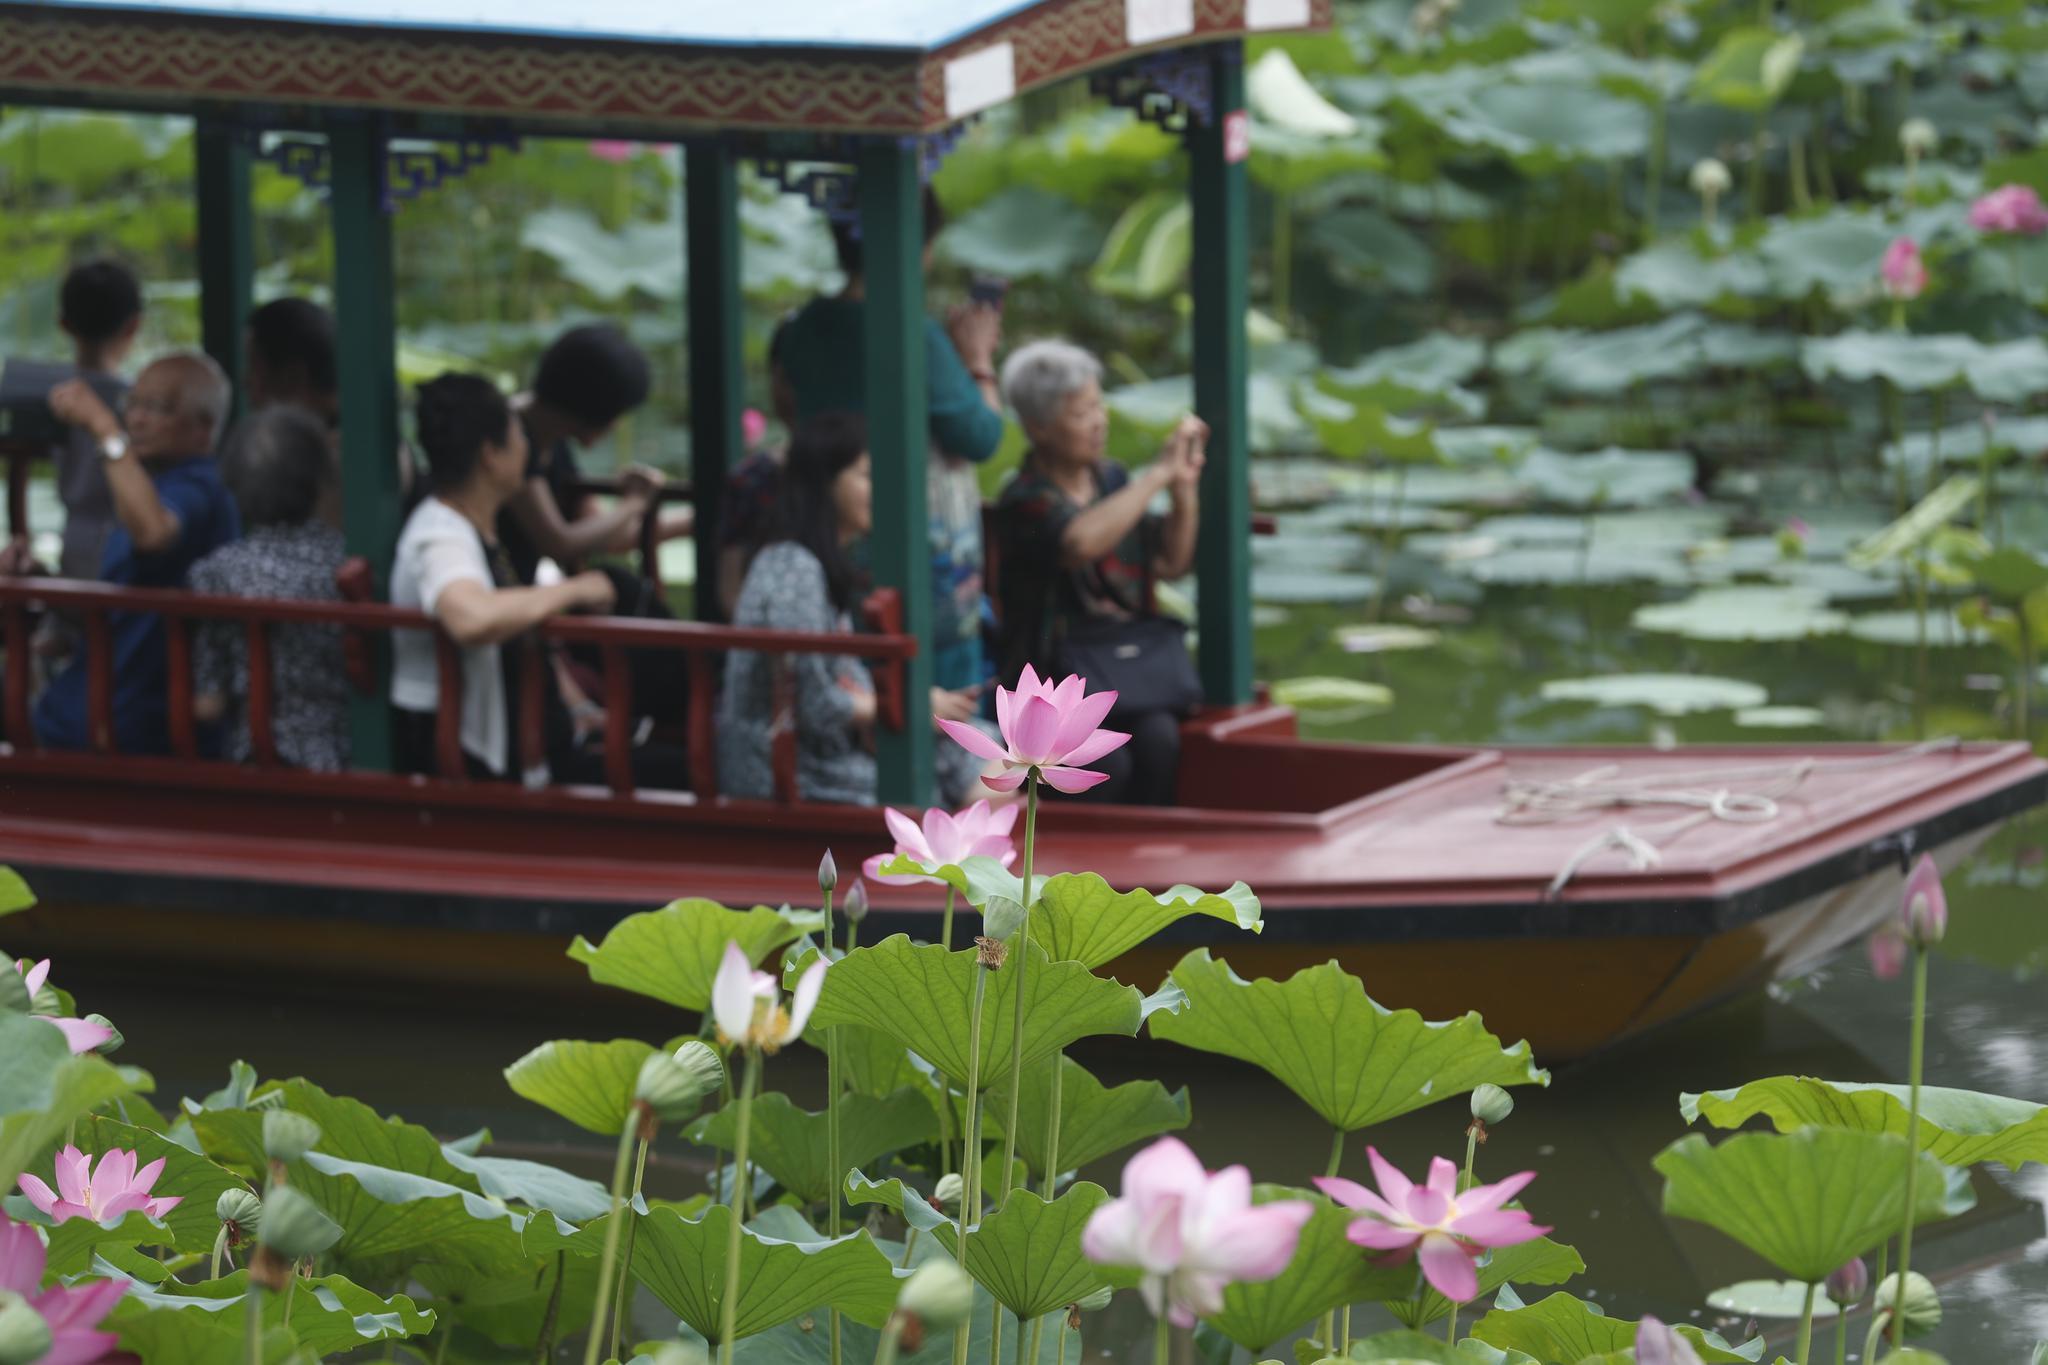 美洛蒂故事集 紫竹院公园竹荷文化展开幕,荷花可赏至九月中下旬